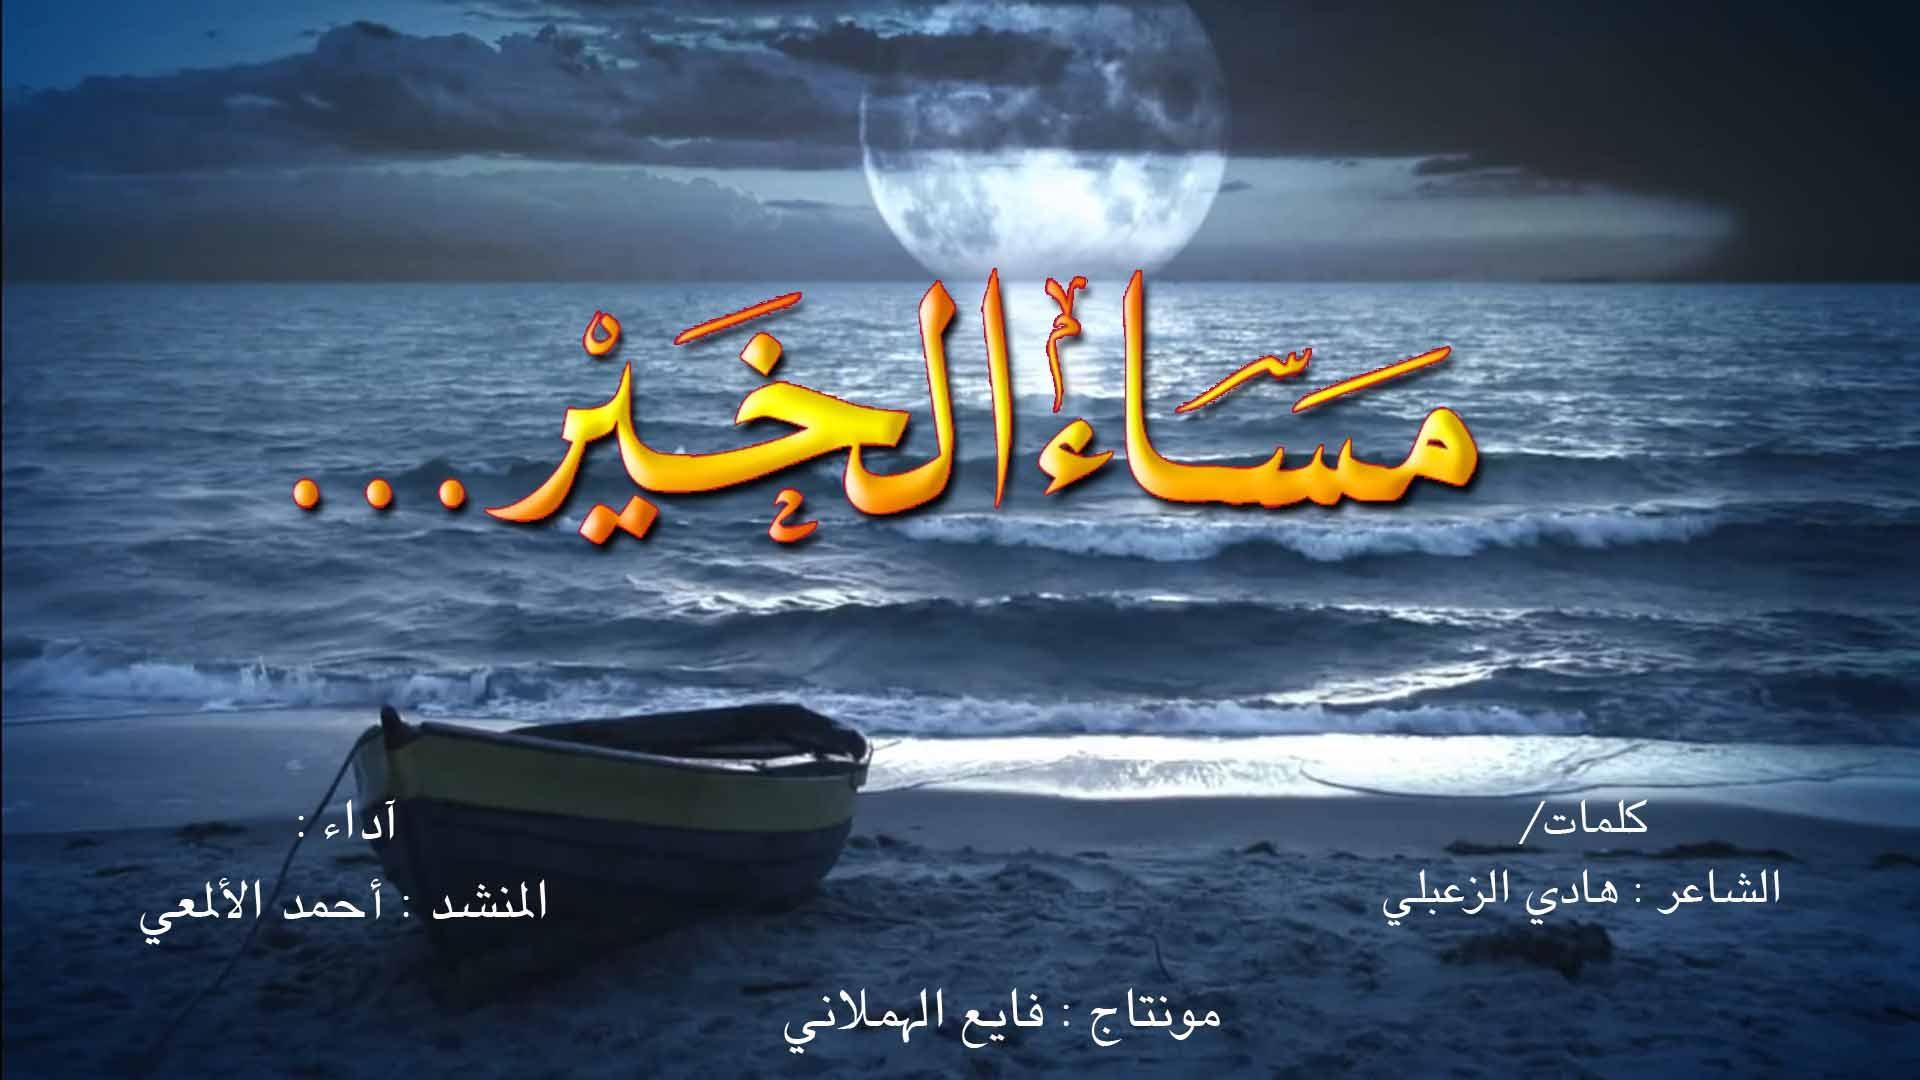 بالصور مساء الخير شعر قصير , كلمات قصيره تعبر عن جمال المساء 5760 2